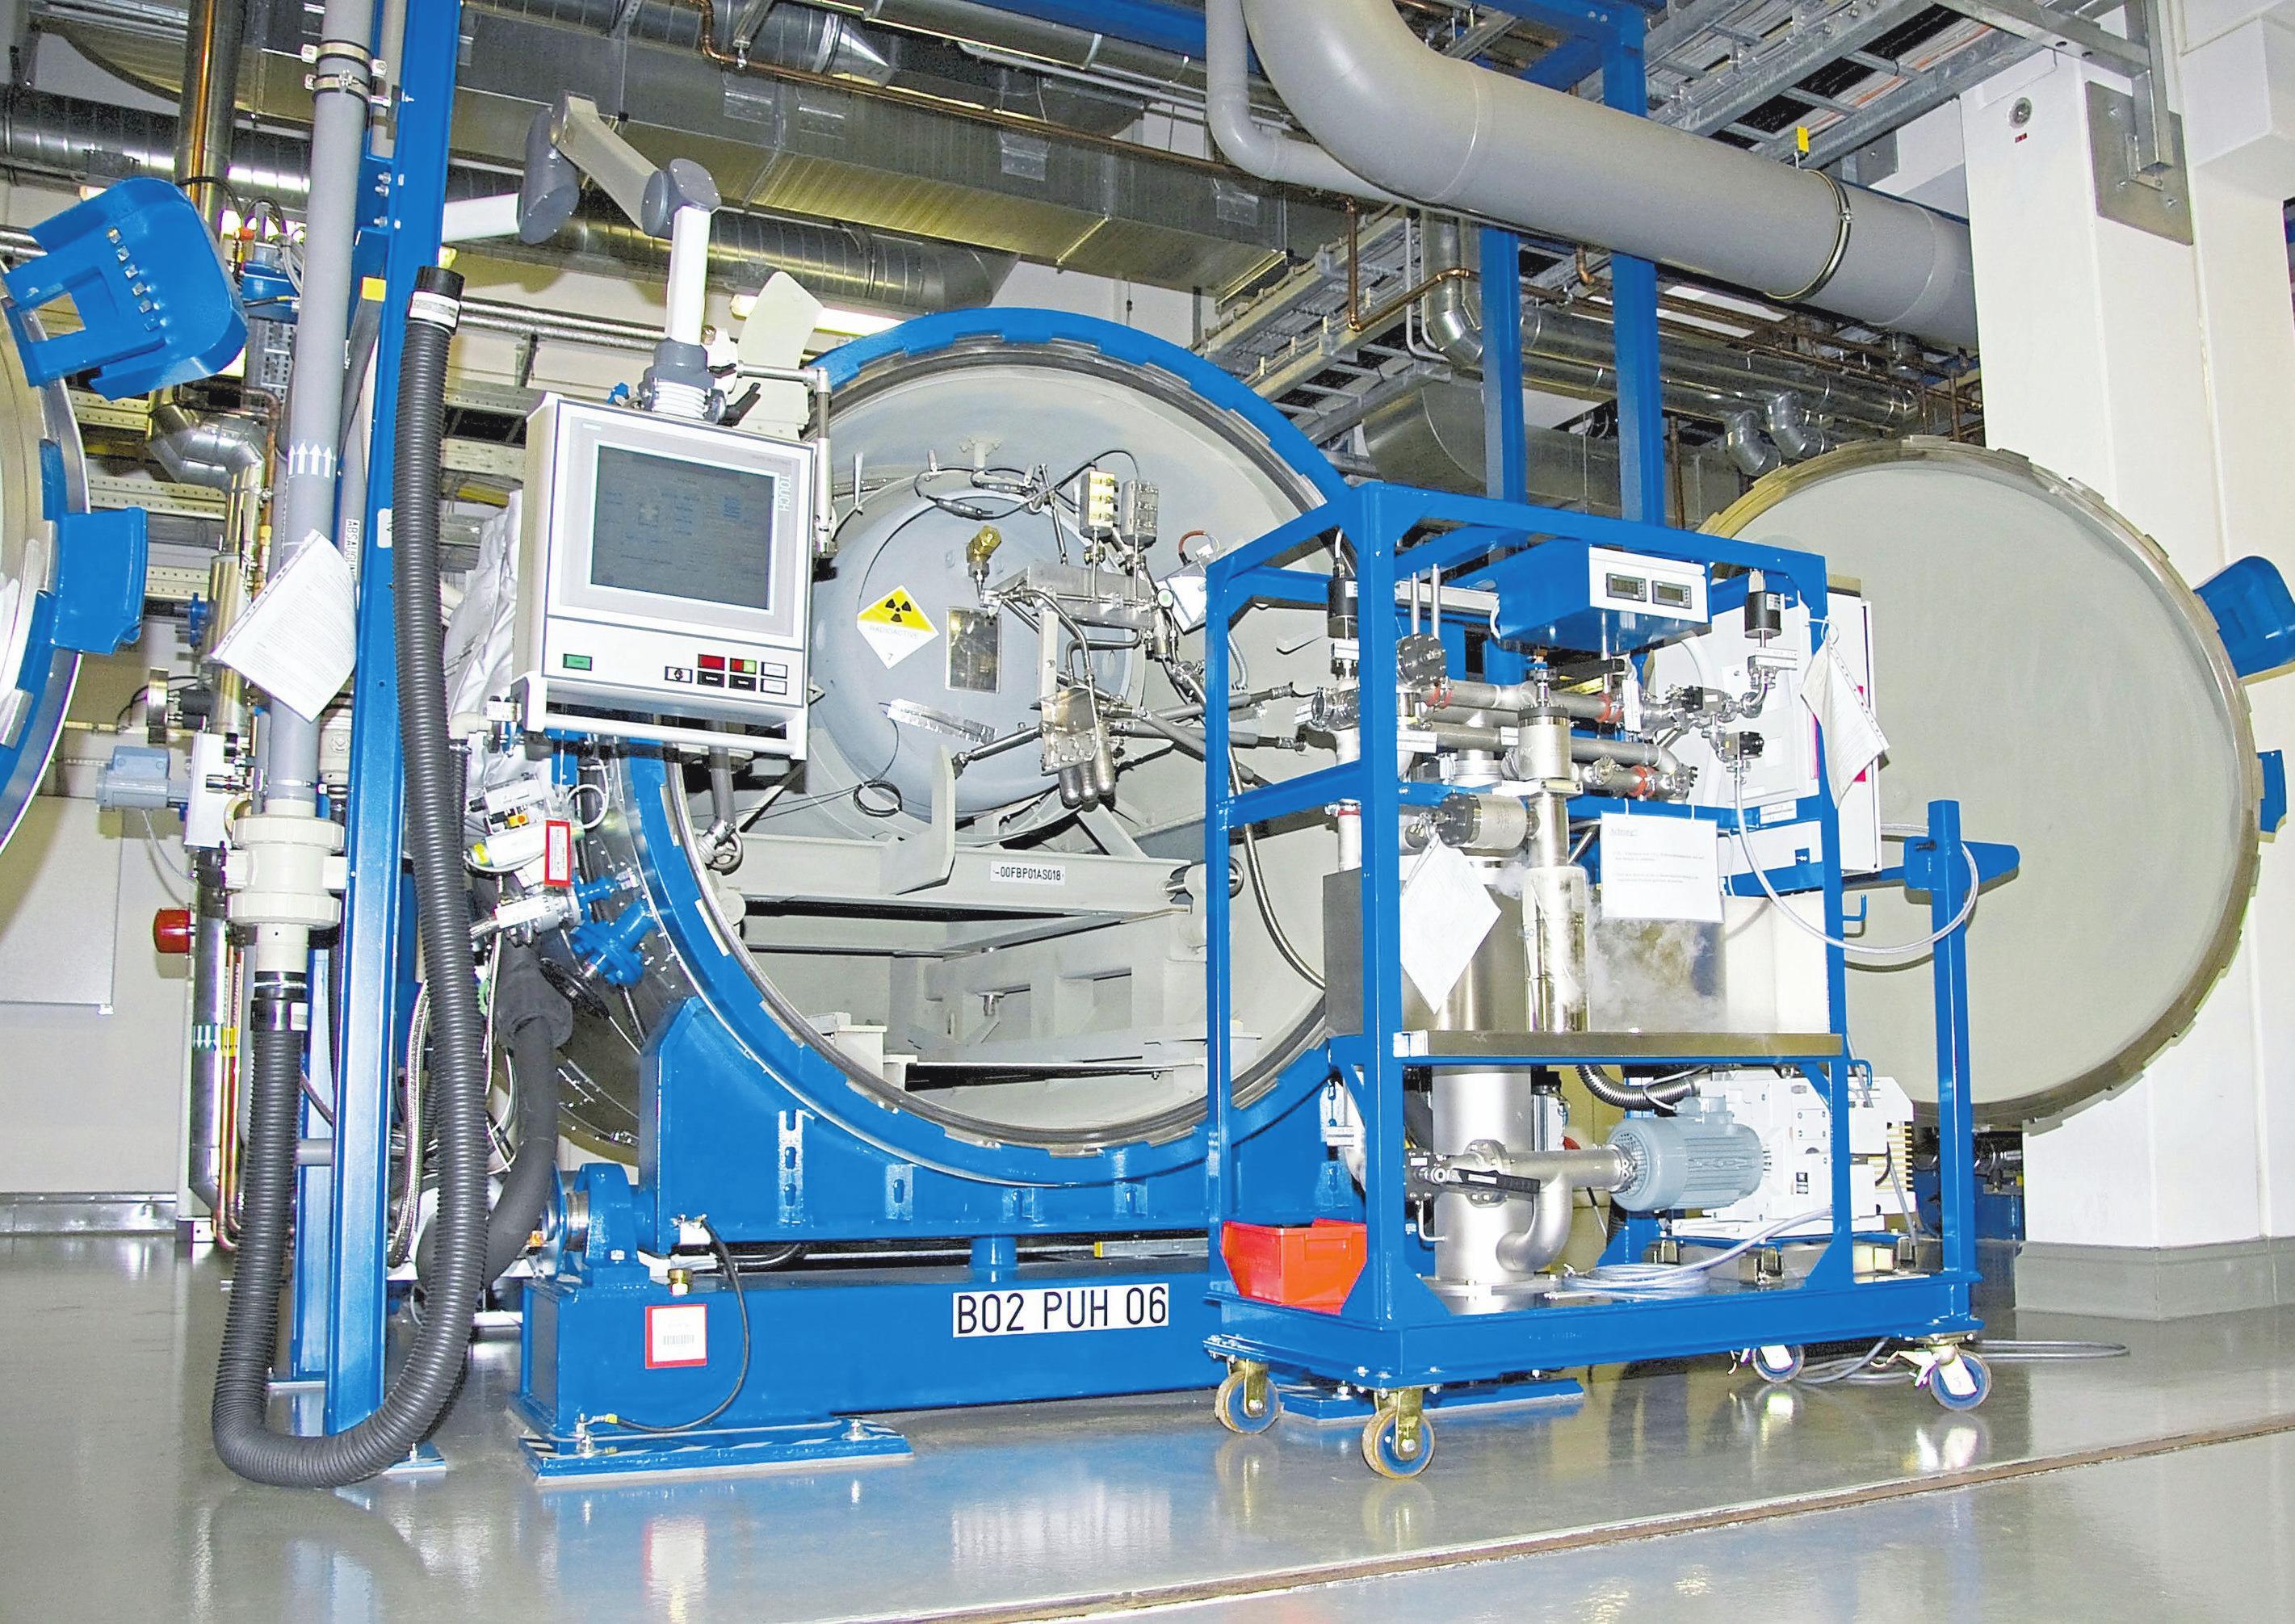 Mit Inbetriebnahme der UTA-2 wurde die Kapazität der Gesamtanlage in Gronau mehr als verdoppelt. Fotos: Urenco